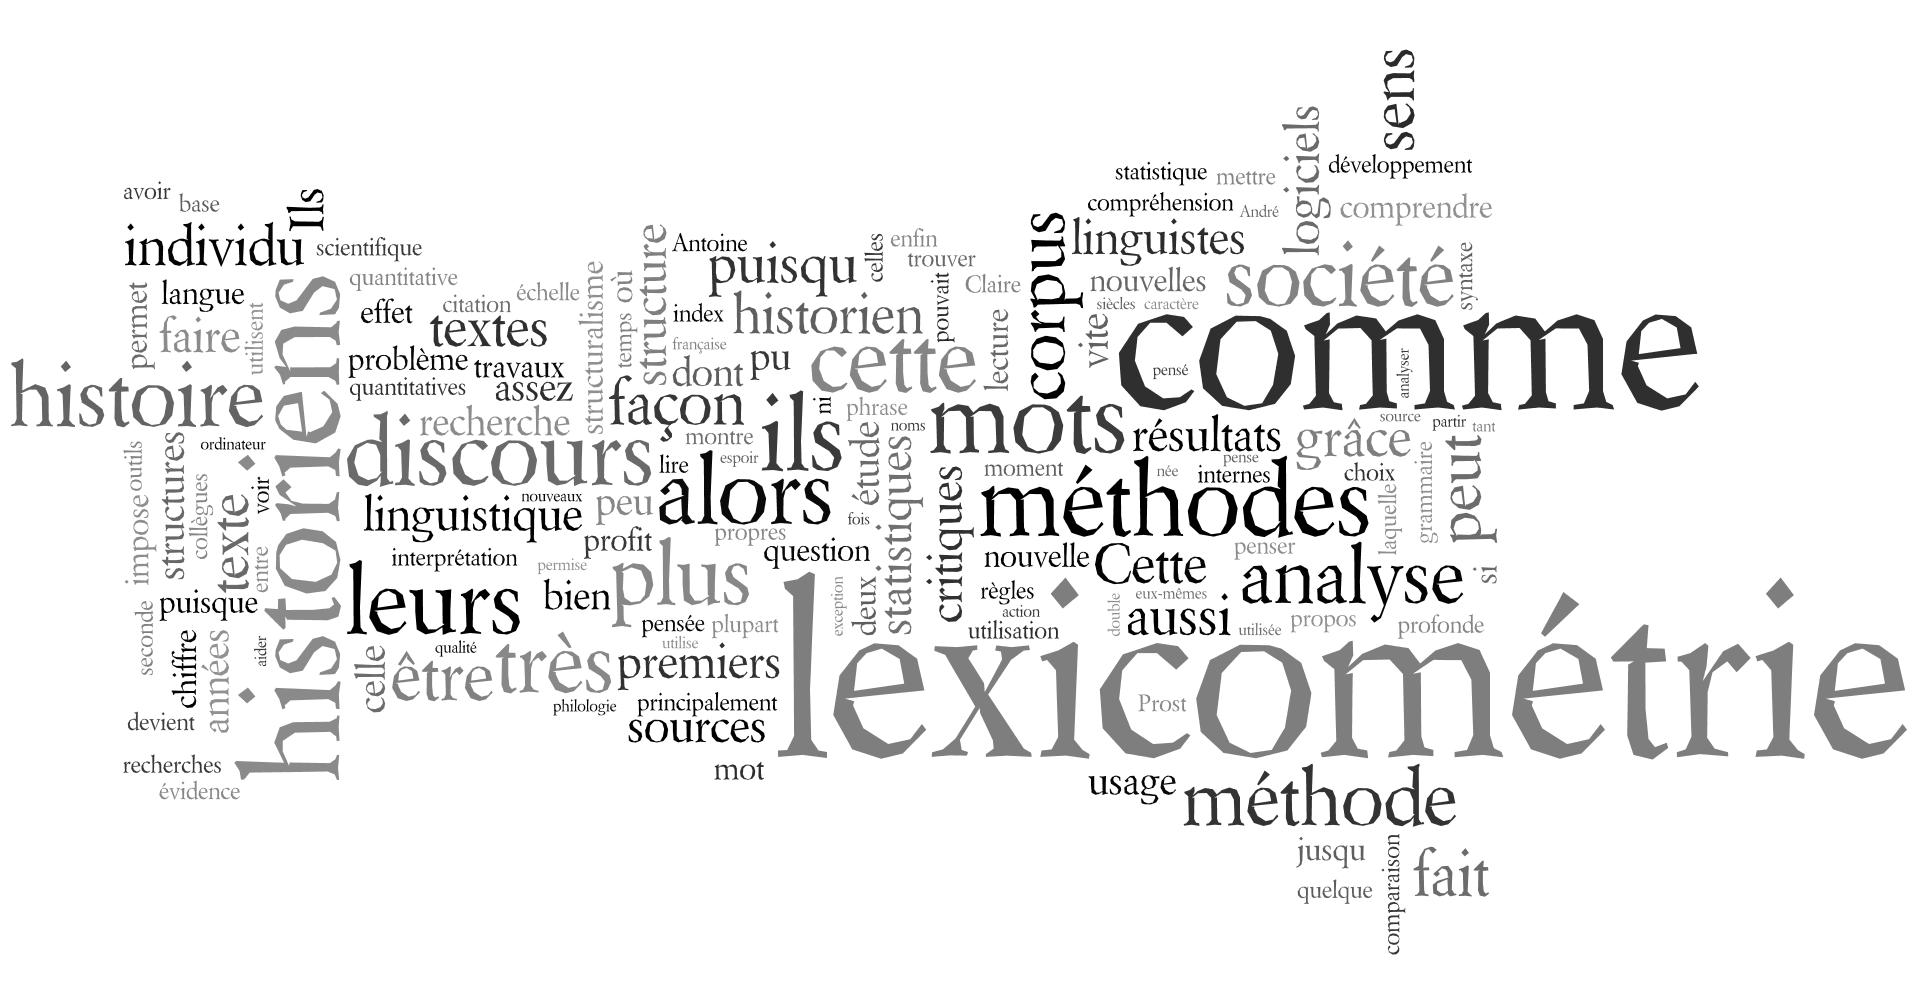 Wordle sur le contenu du billet (la taille des mots dépend de leur occurence dans le texte)